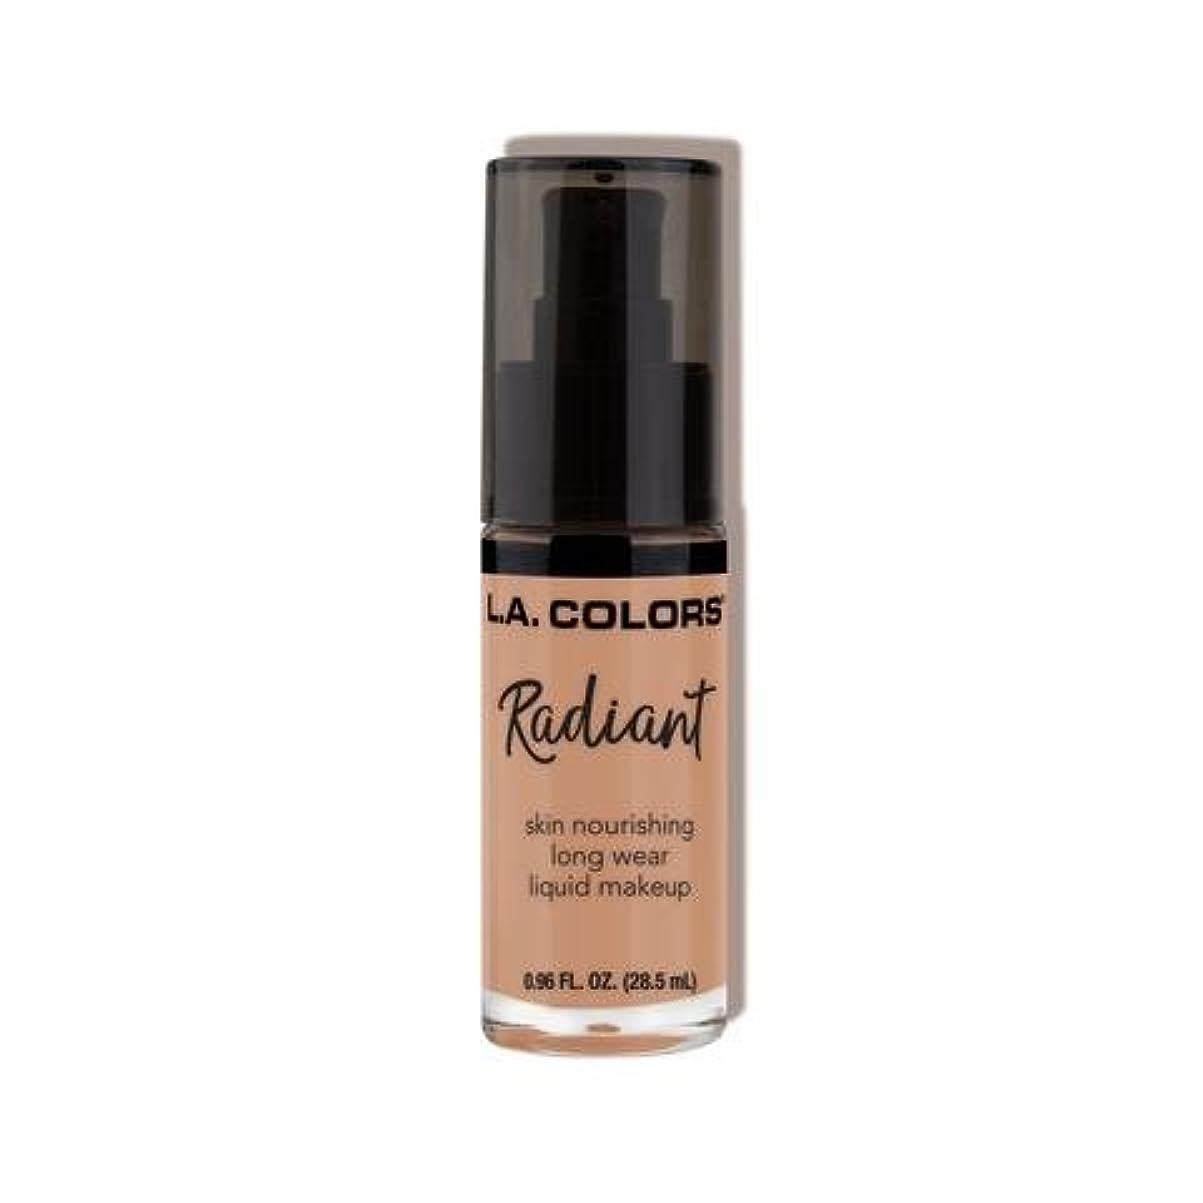 ハリケーン同一の論争的(6 Pack) L.A. COLORS Radiant Liquid Makeup - Golden Honey (並行輸入品)